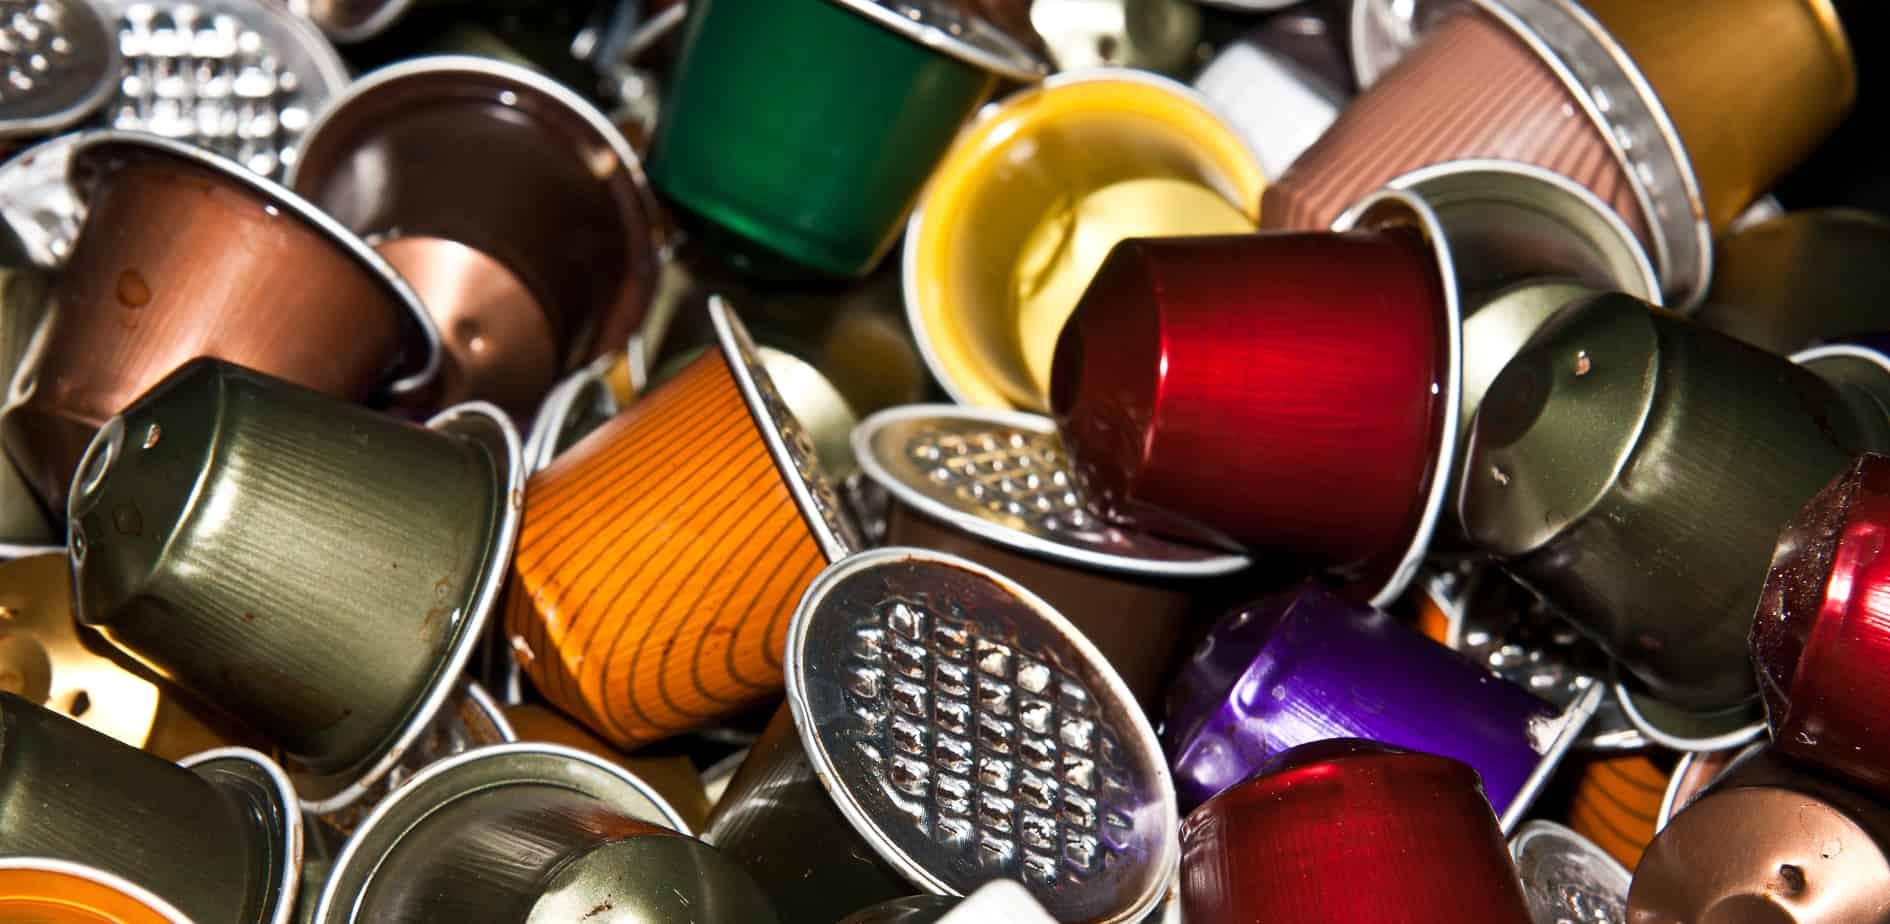 La quantité de déchets causée par les capsules de café